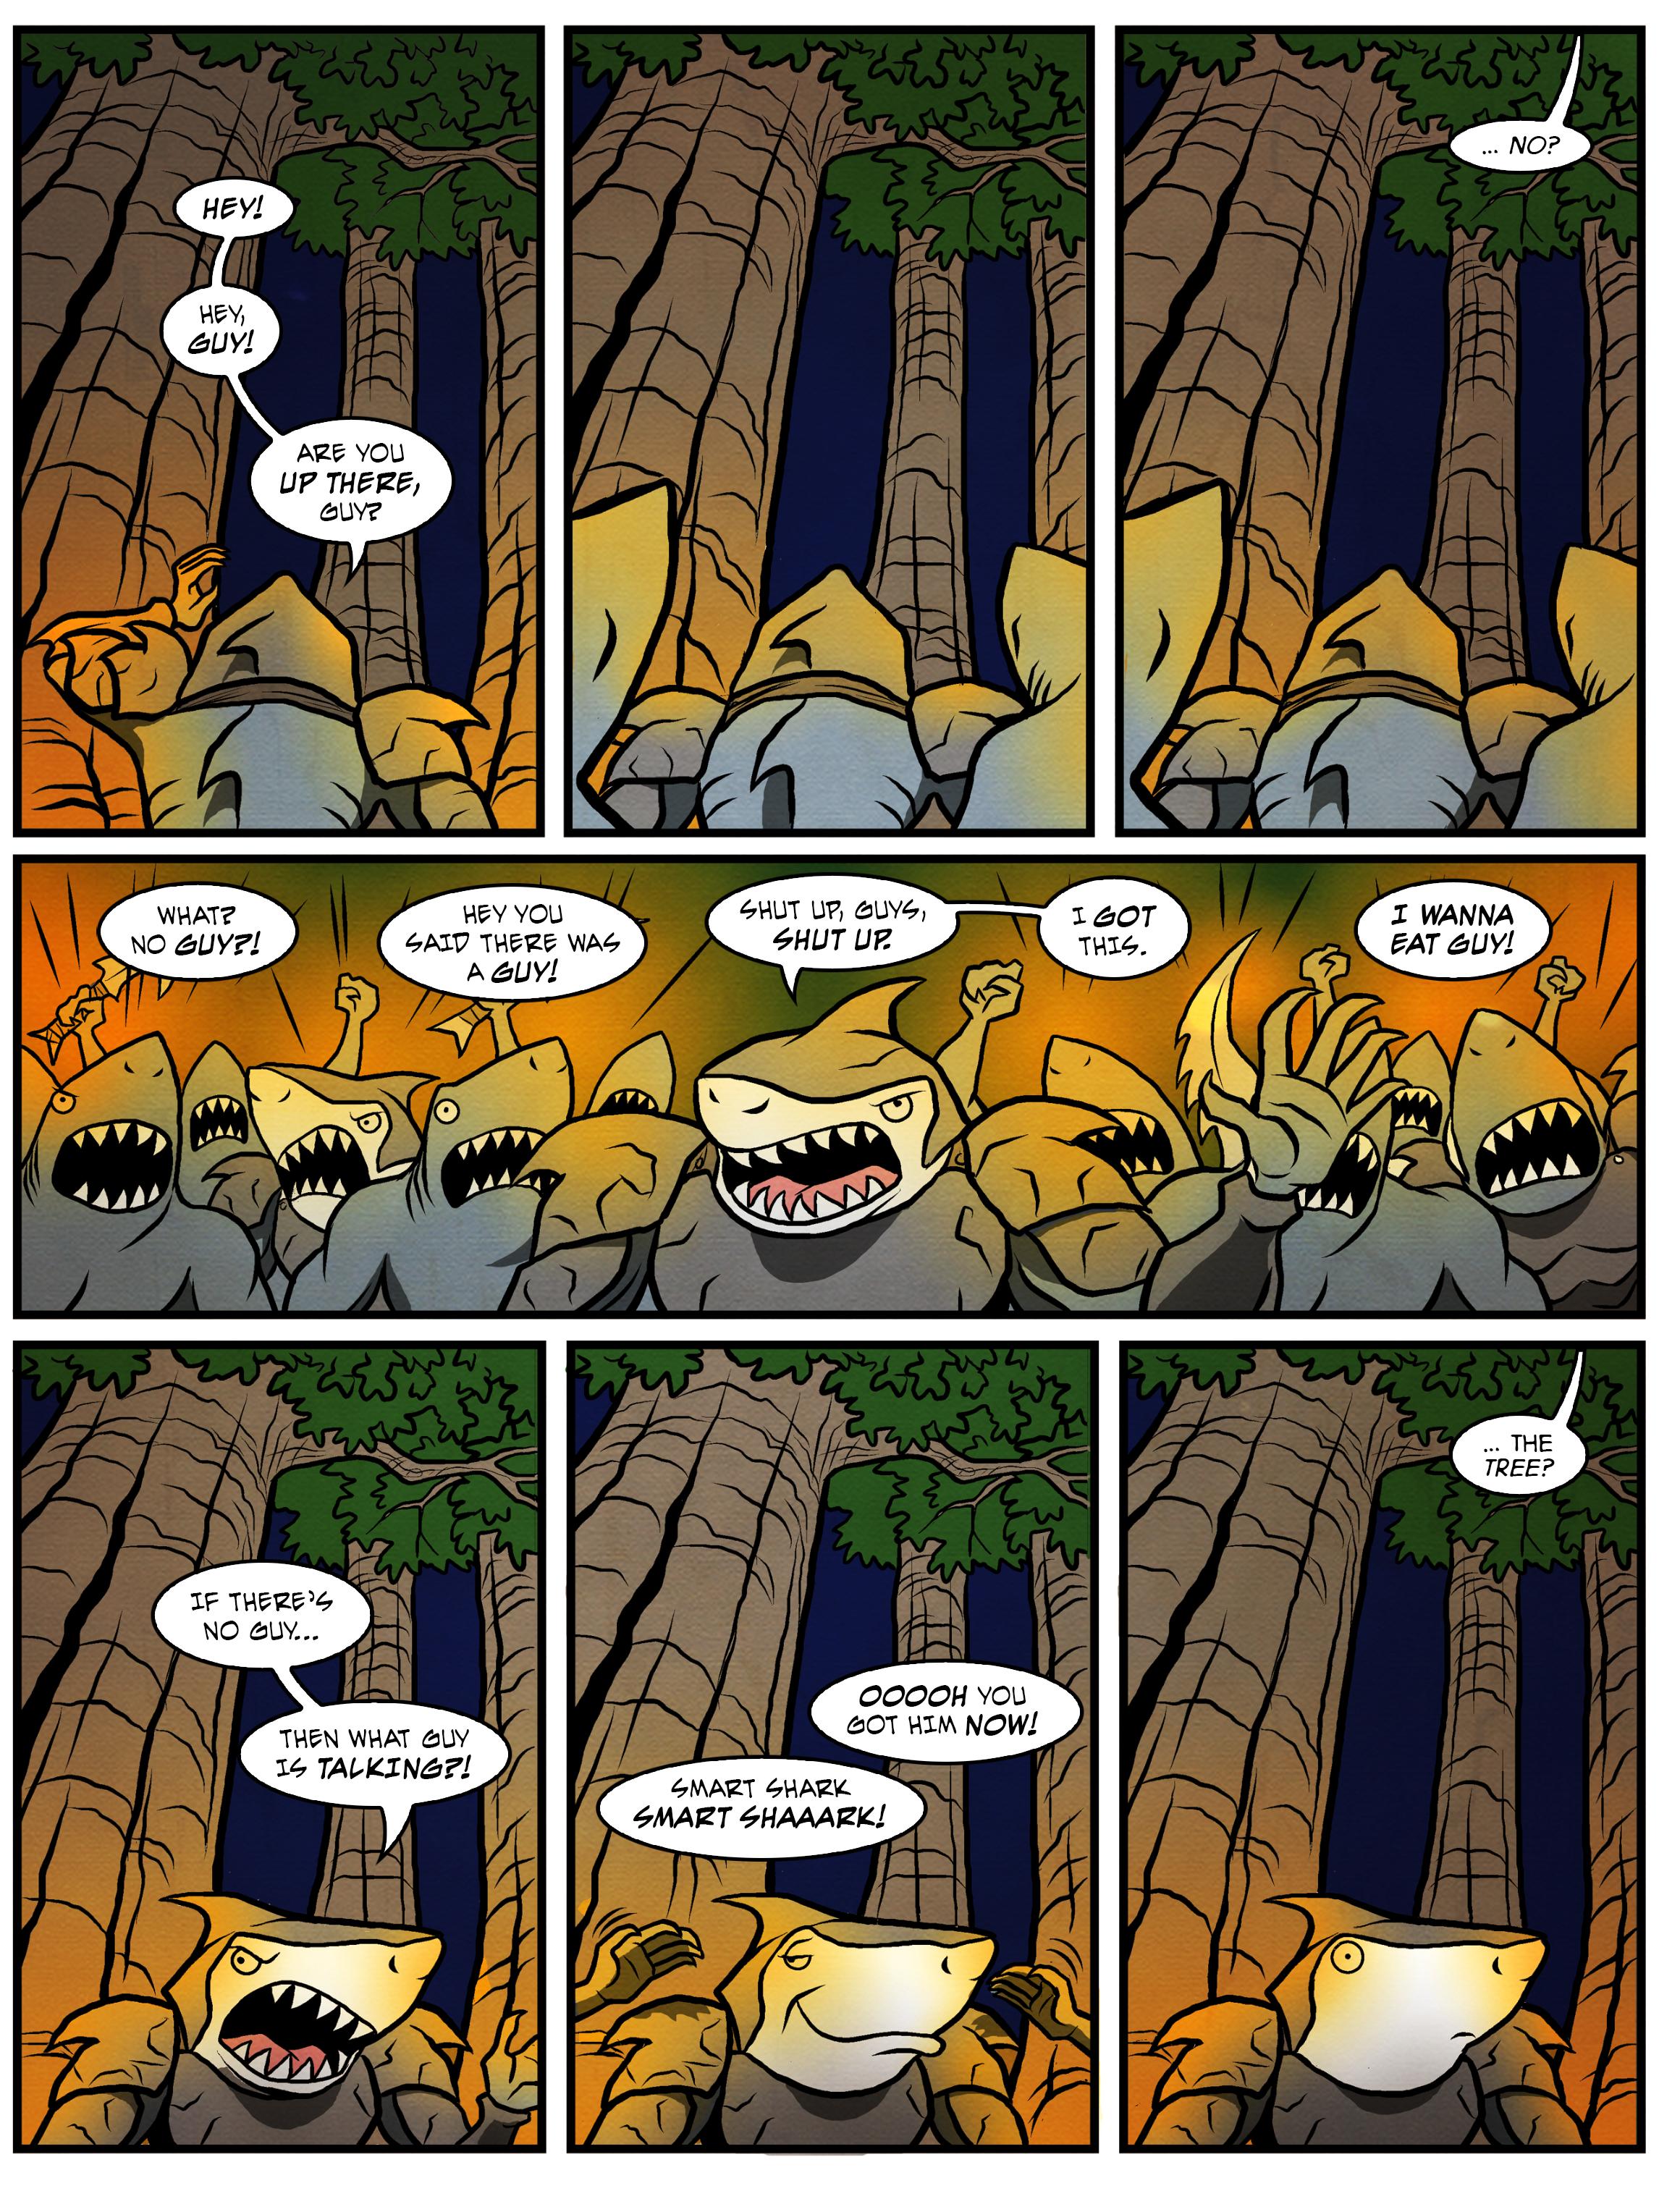 Alternate ending: 'I am Groot?'